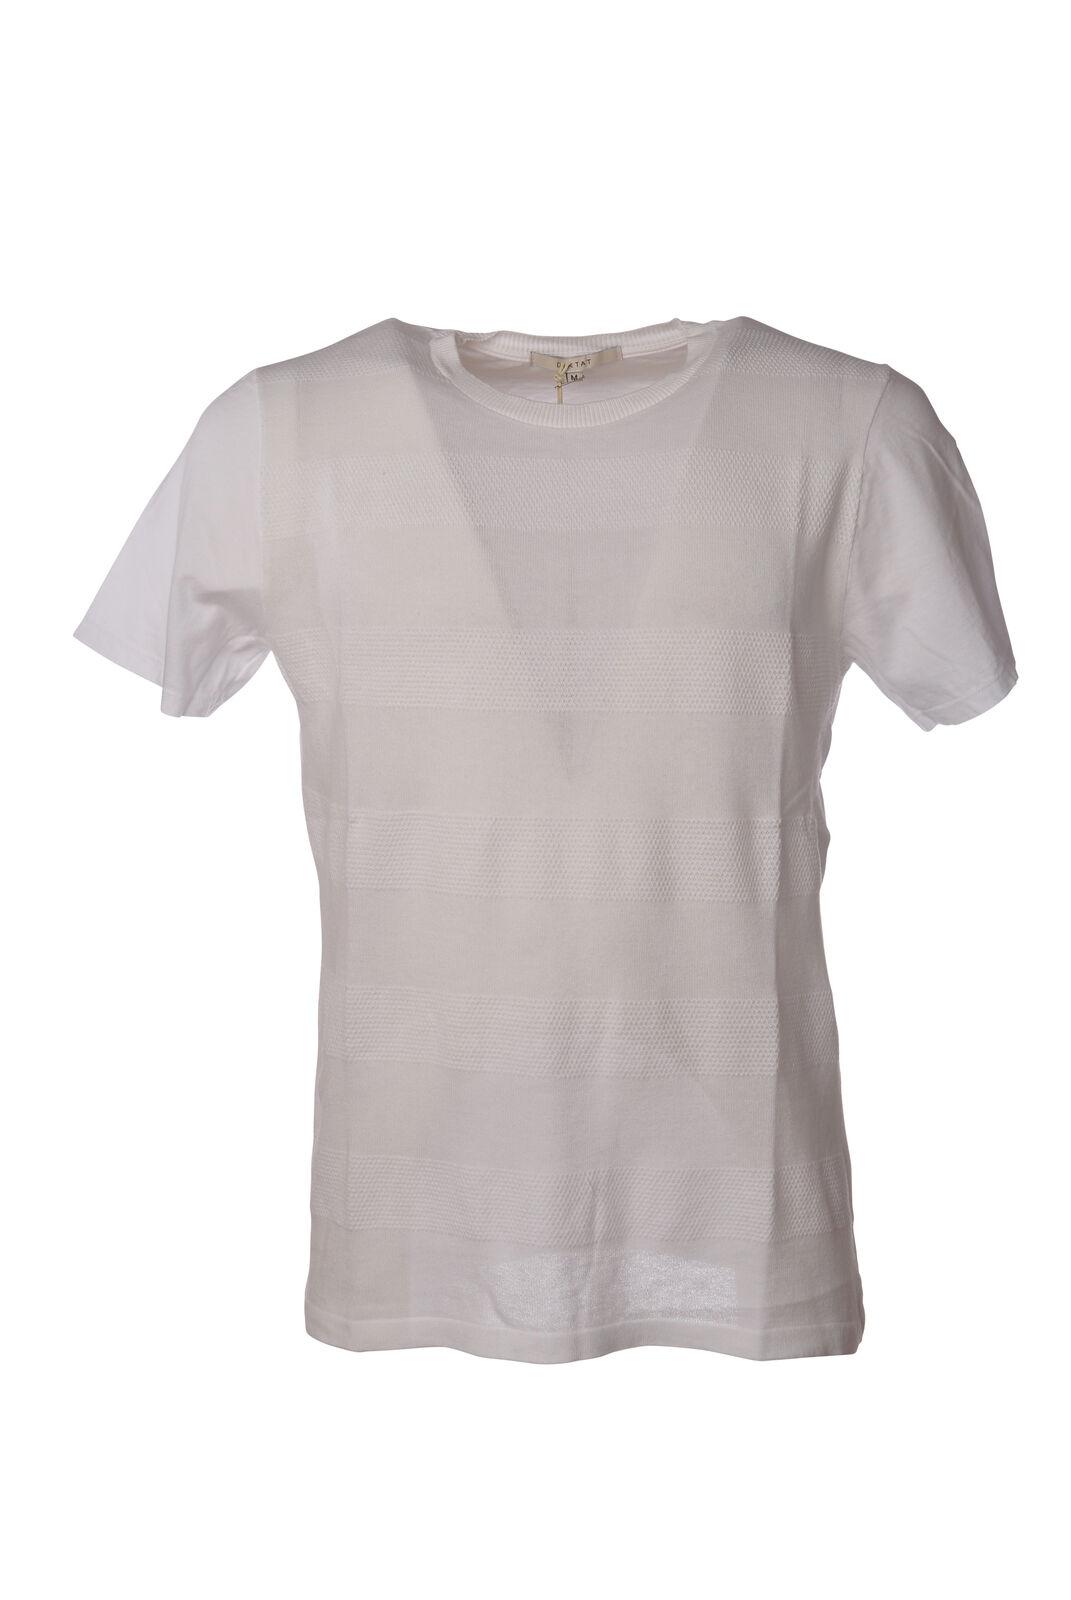 Diktat - Knitwear-Sweaters - Man - Weiß - 5251420F181230